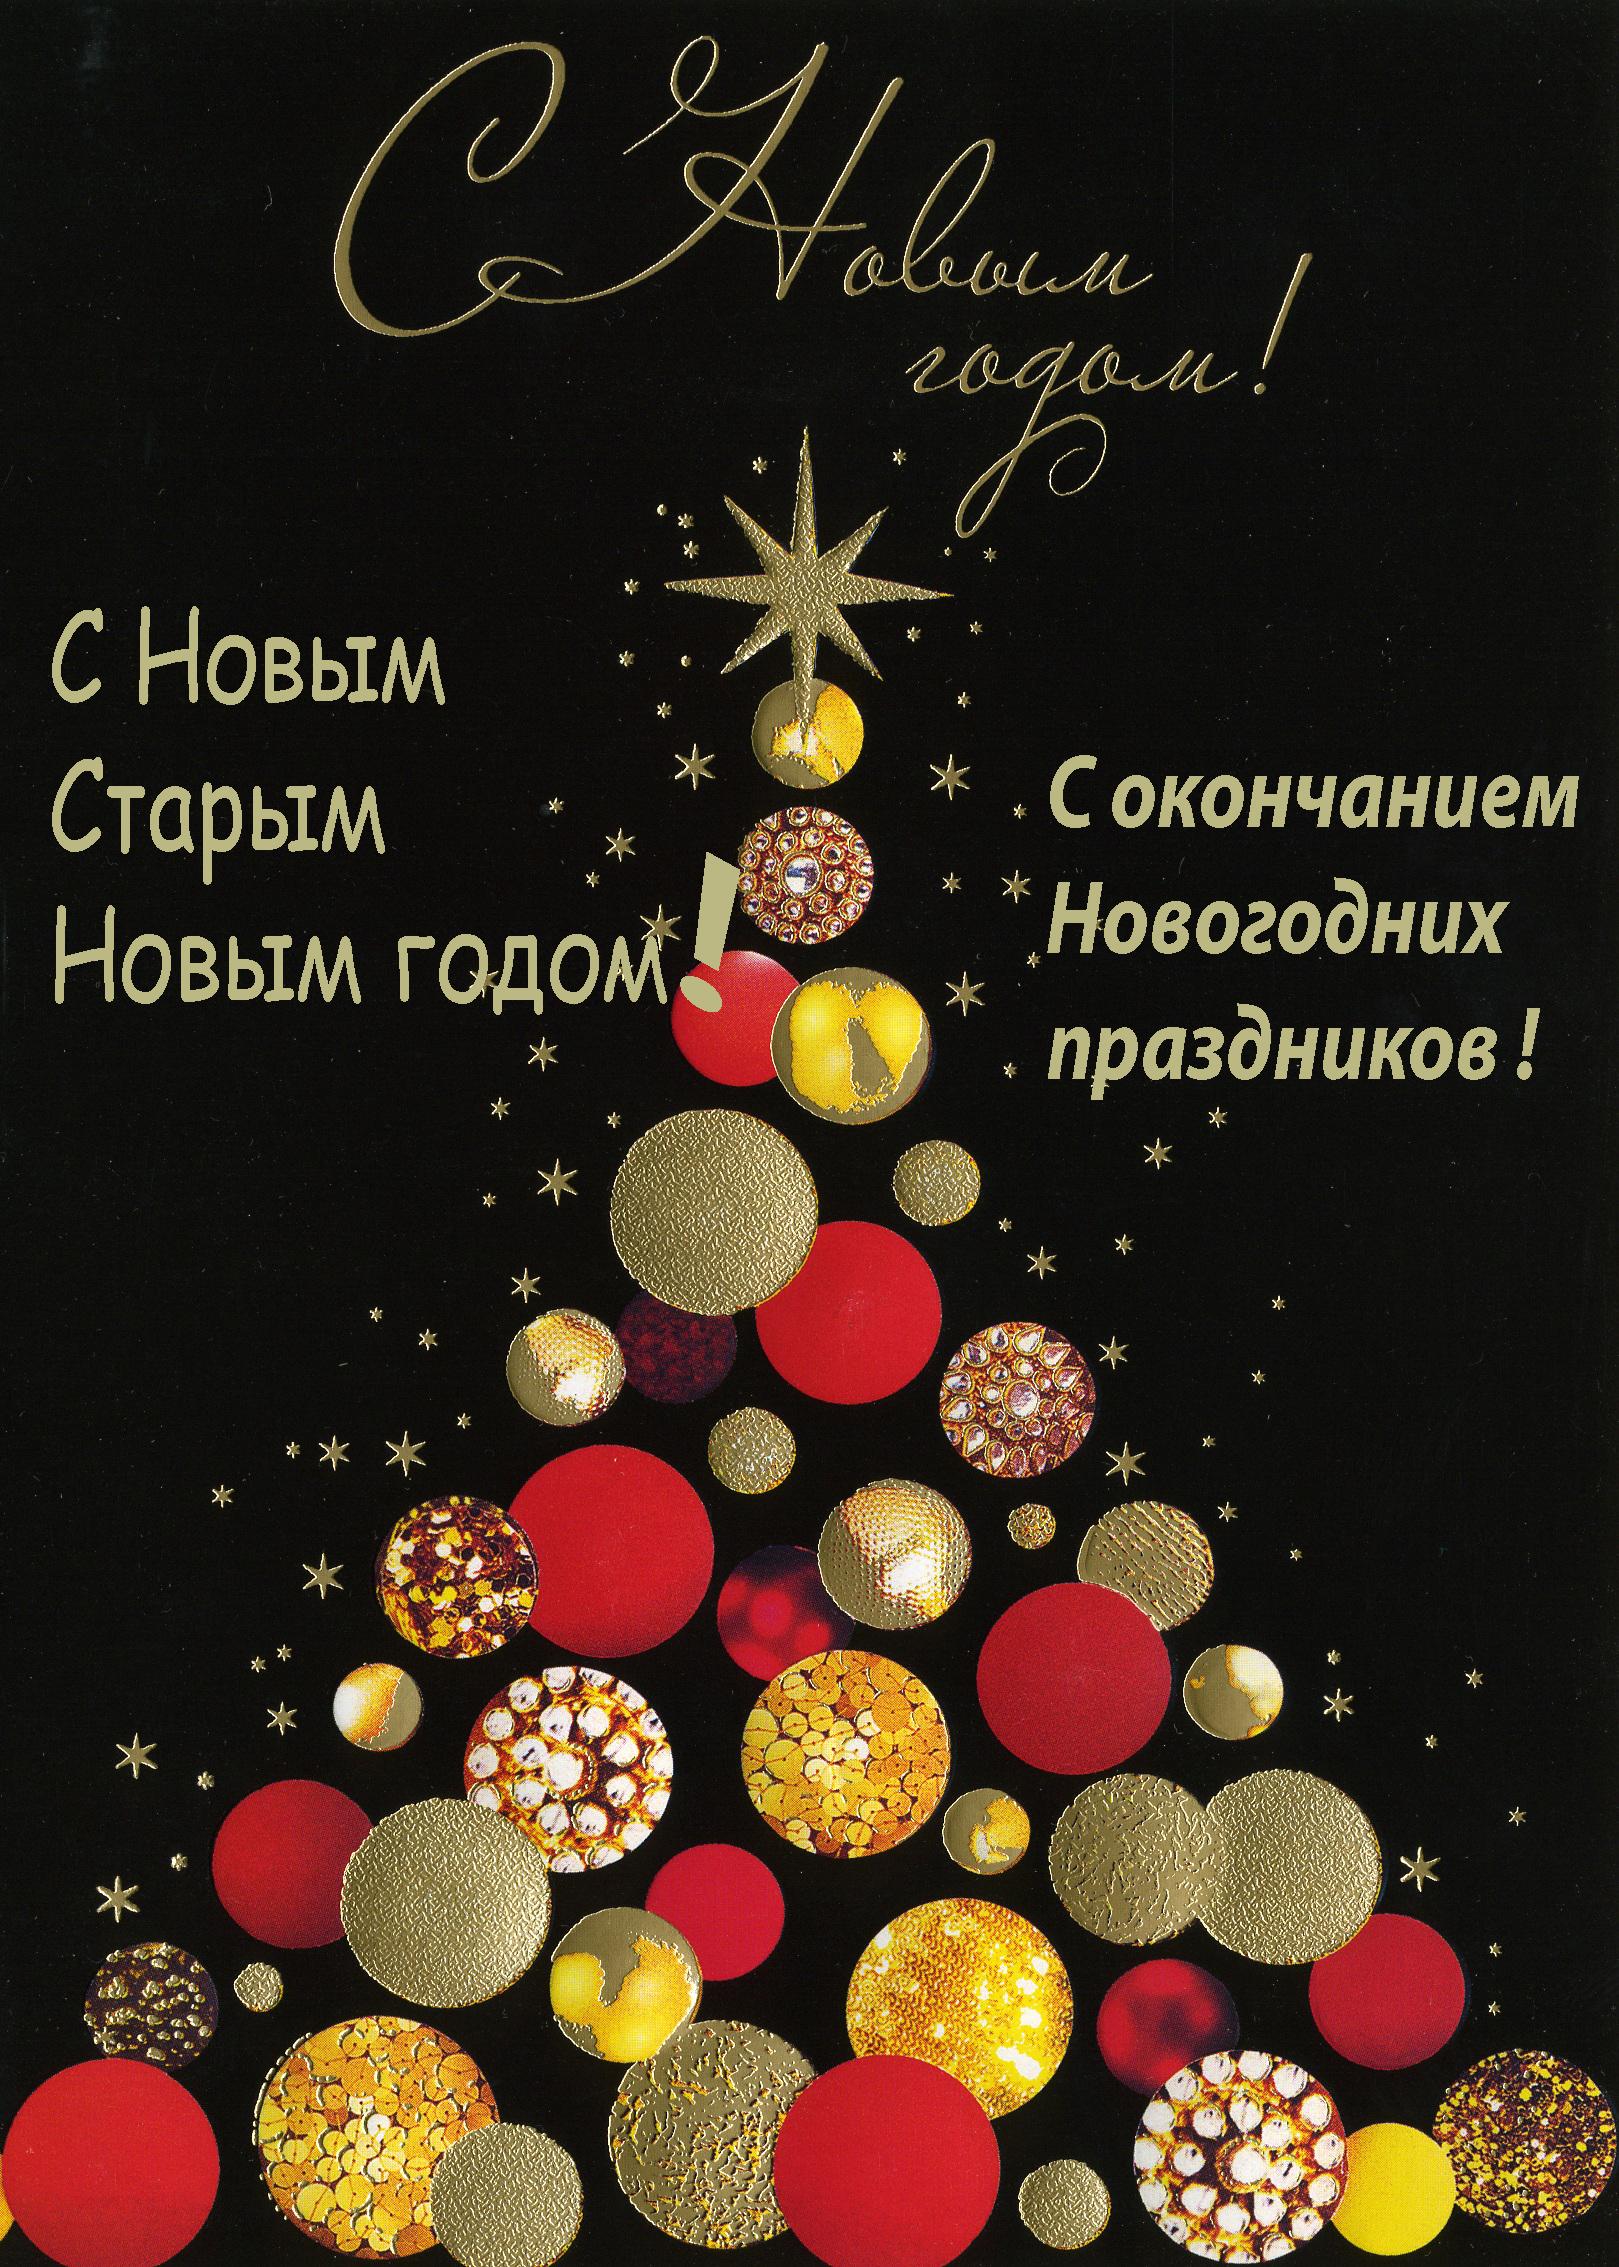 С новым годом и со всеми праздниками